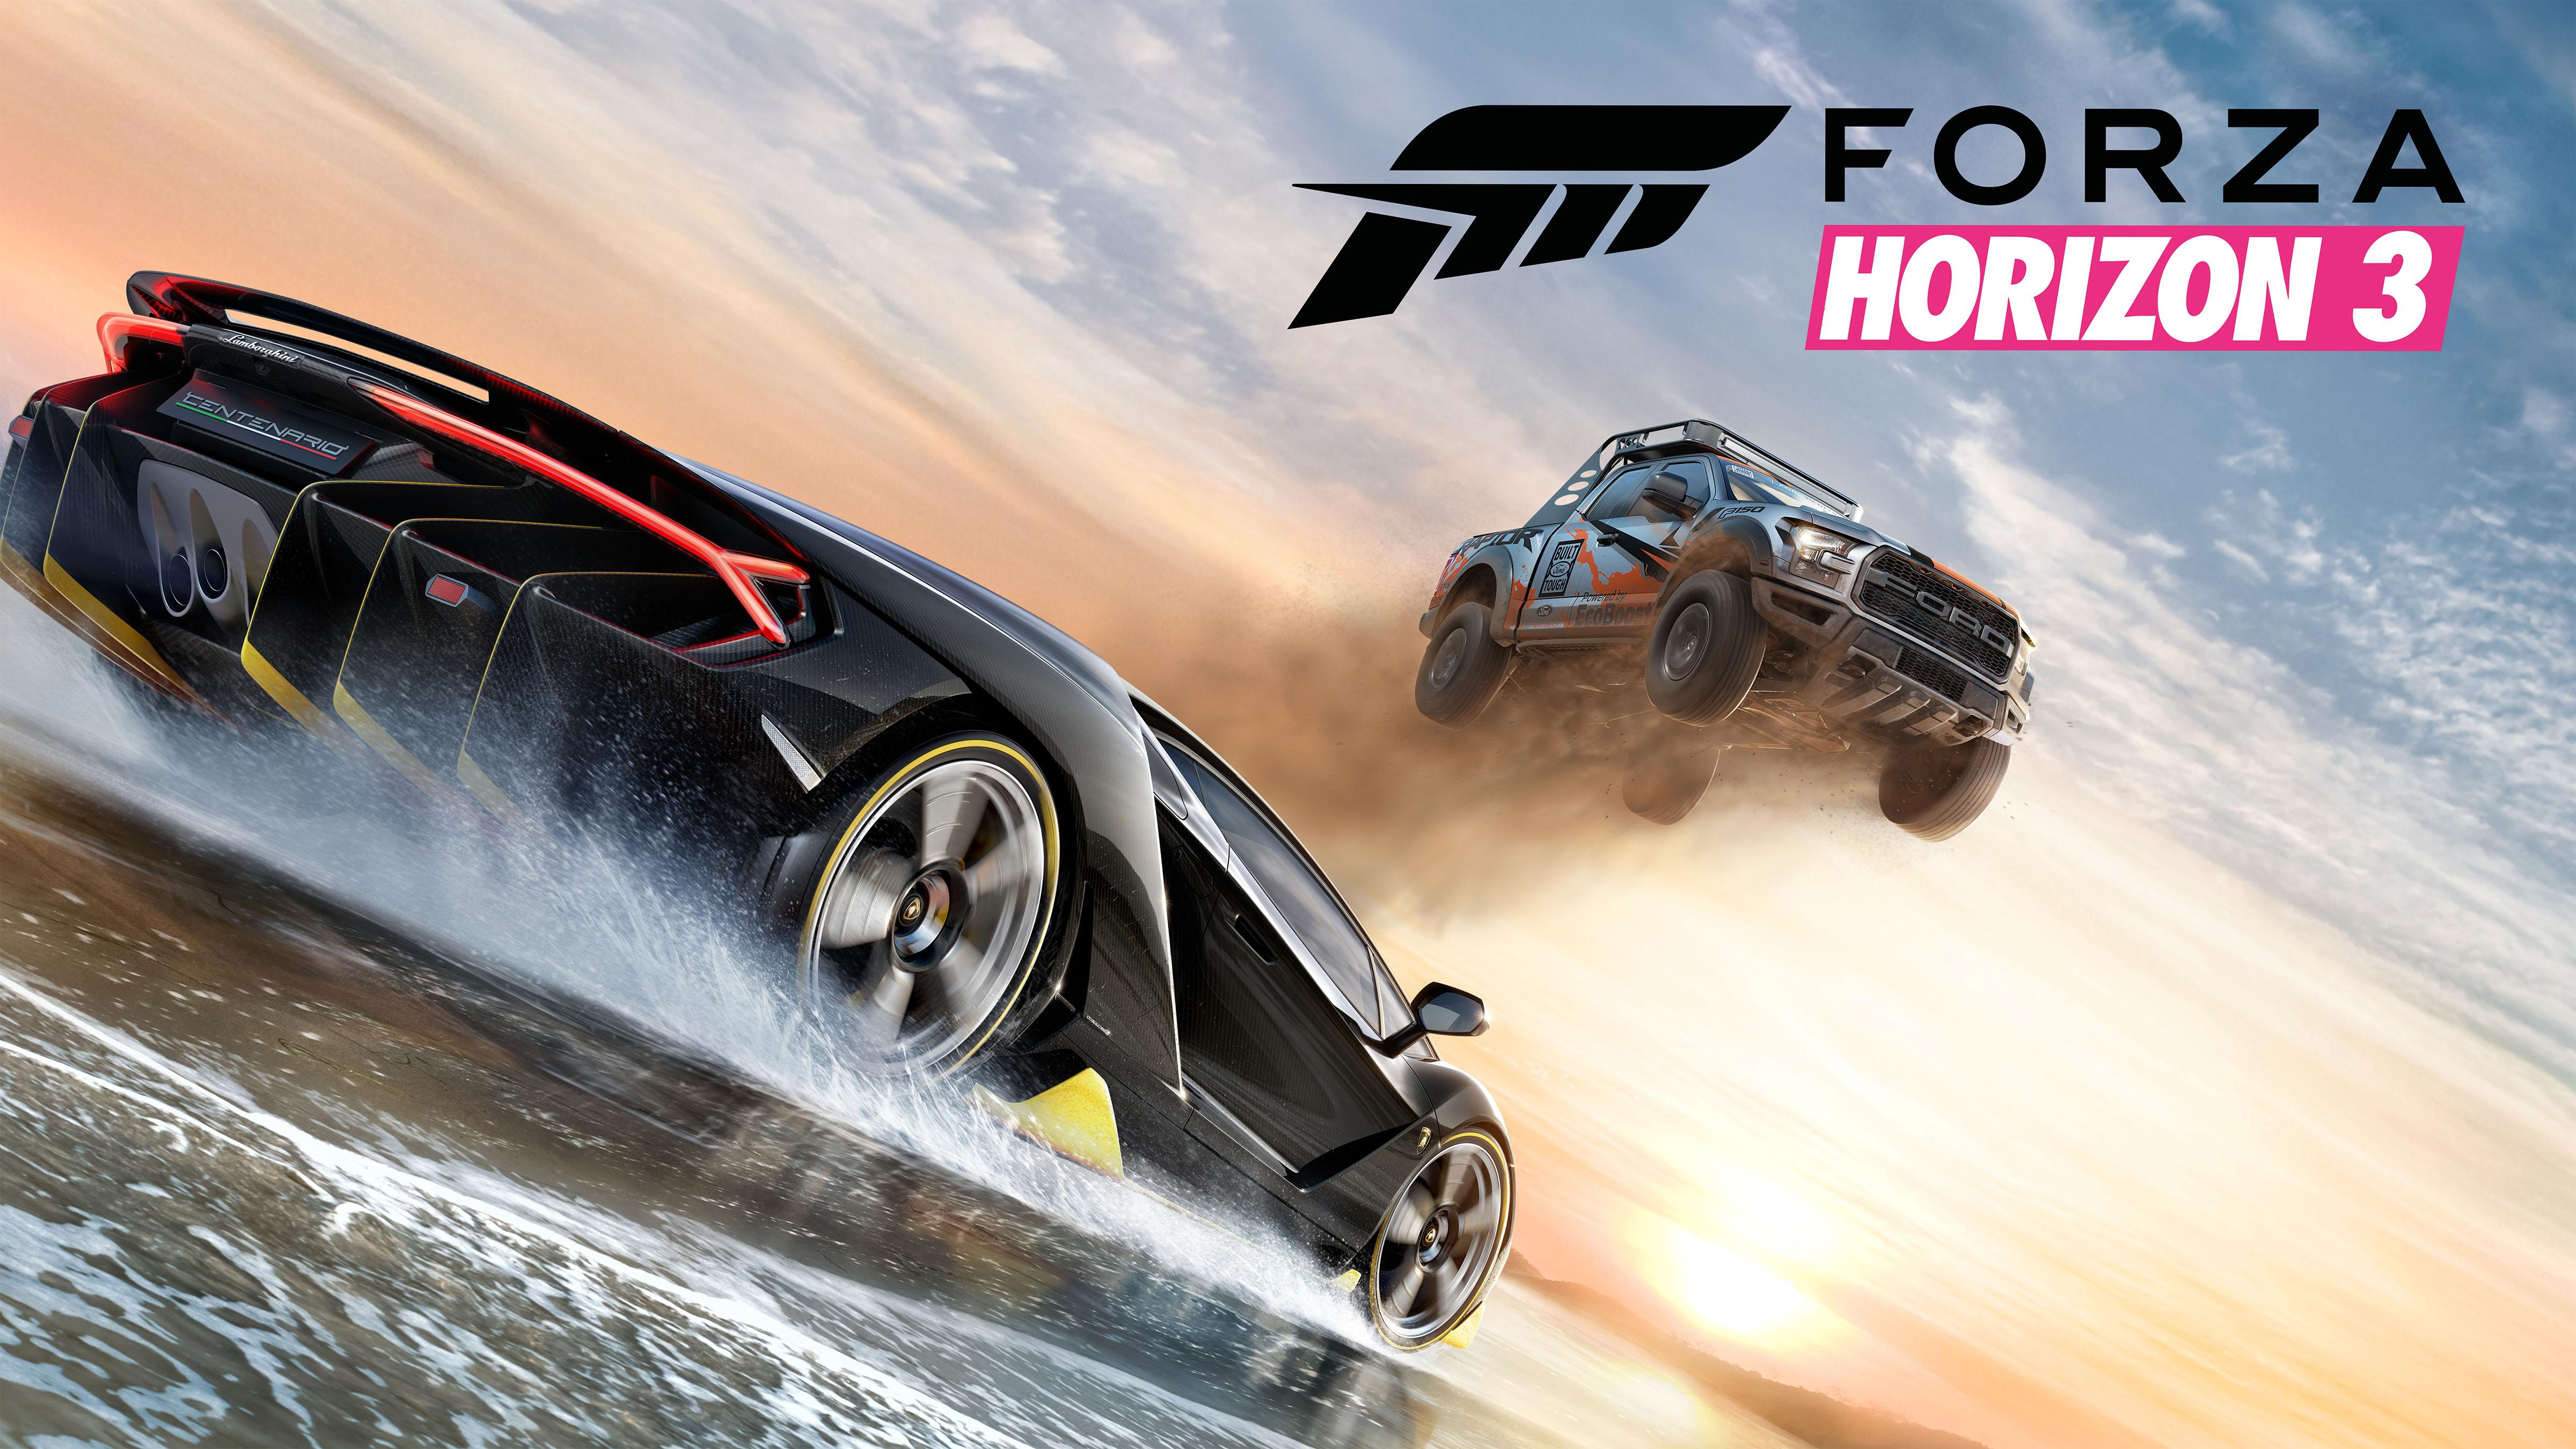 ForzaHorizon3 Multi Visuel 001